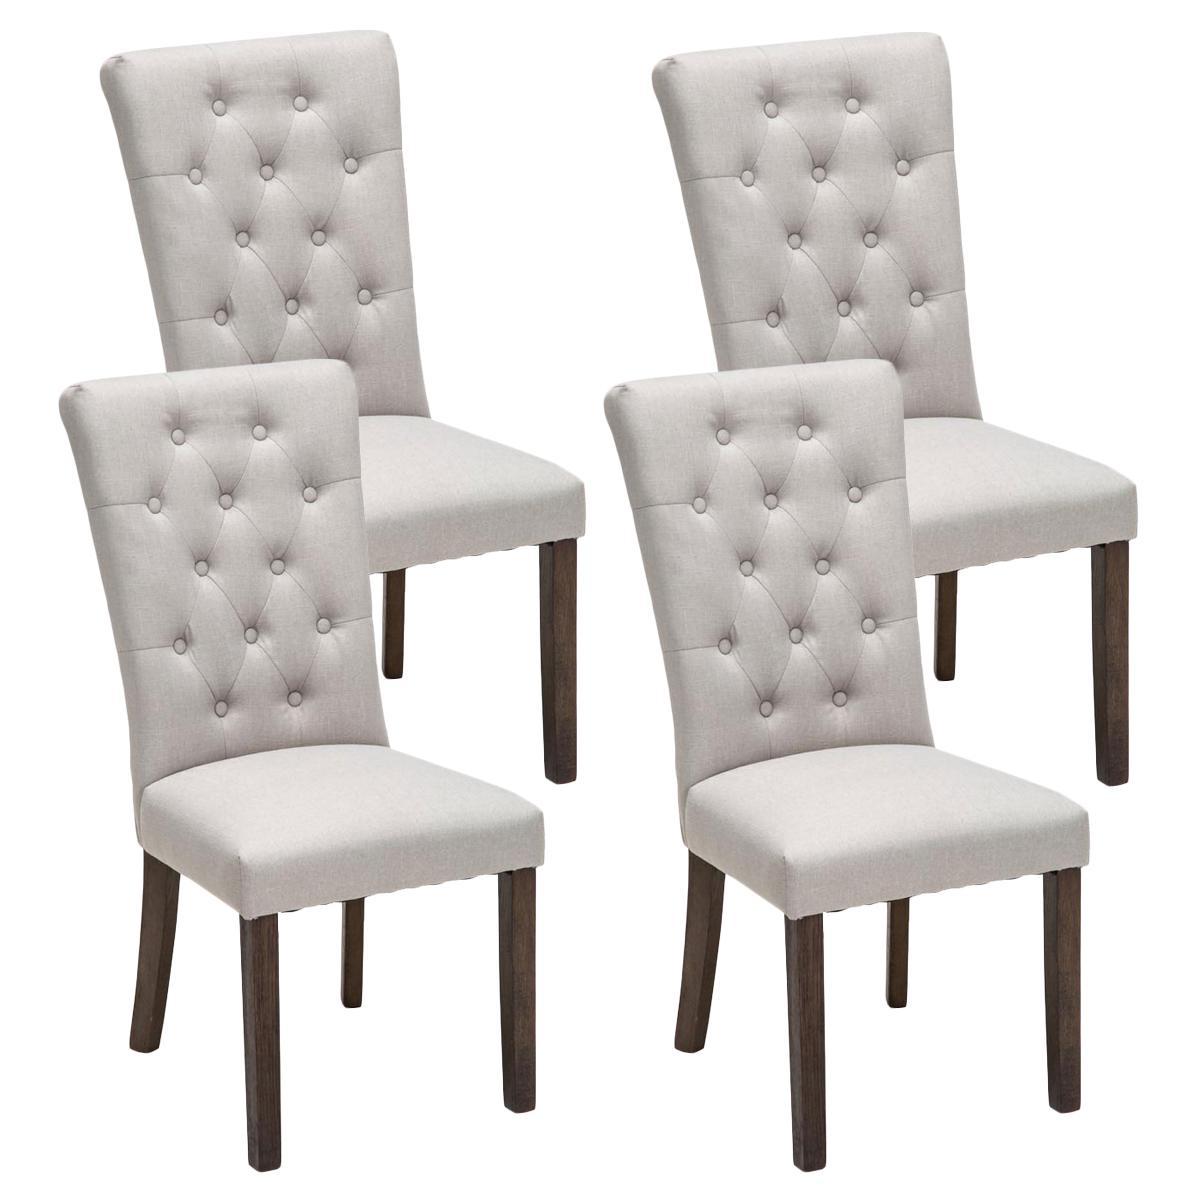 Ote de 4 sillas de comedor selena tapizadas en tela color for Precio de comedor de 4 sillas de madera